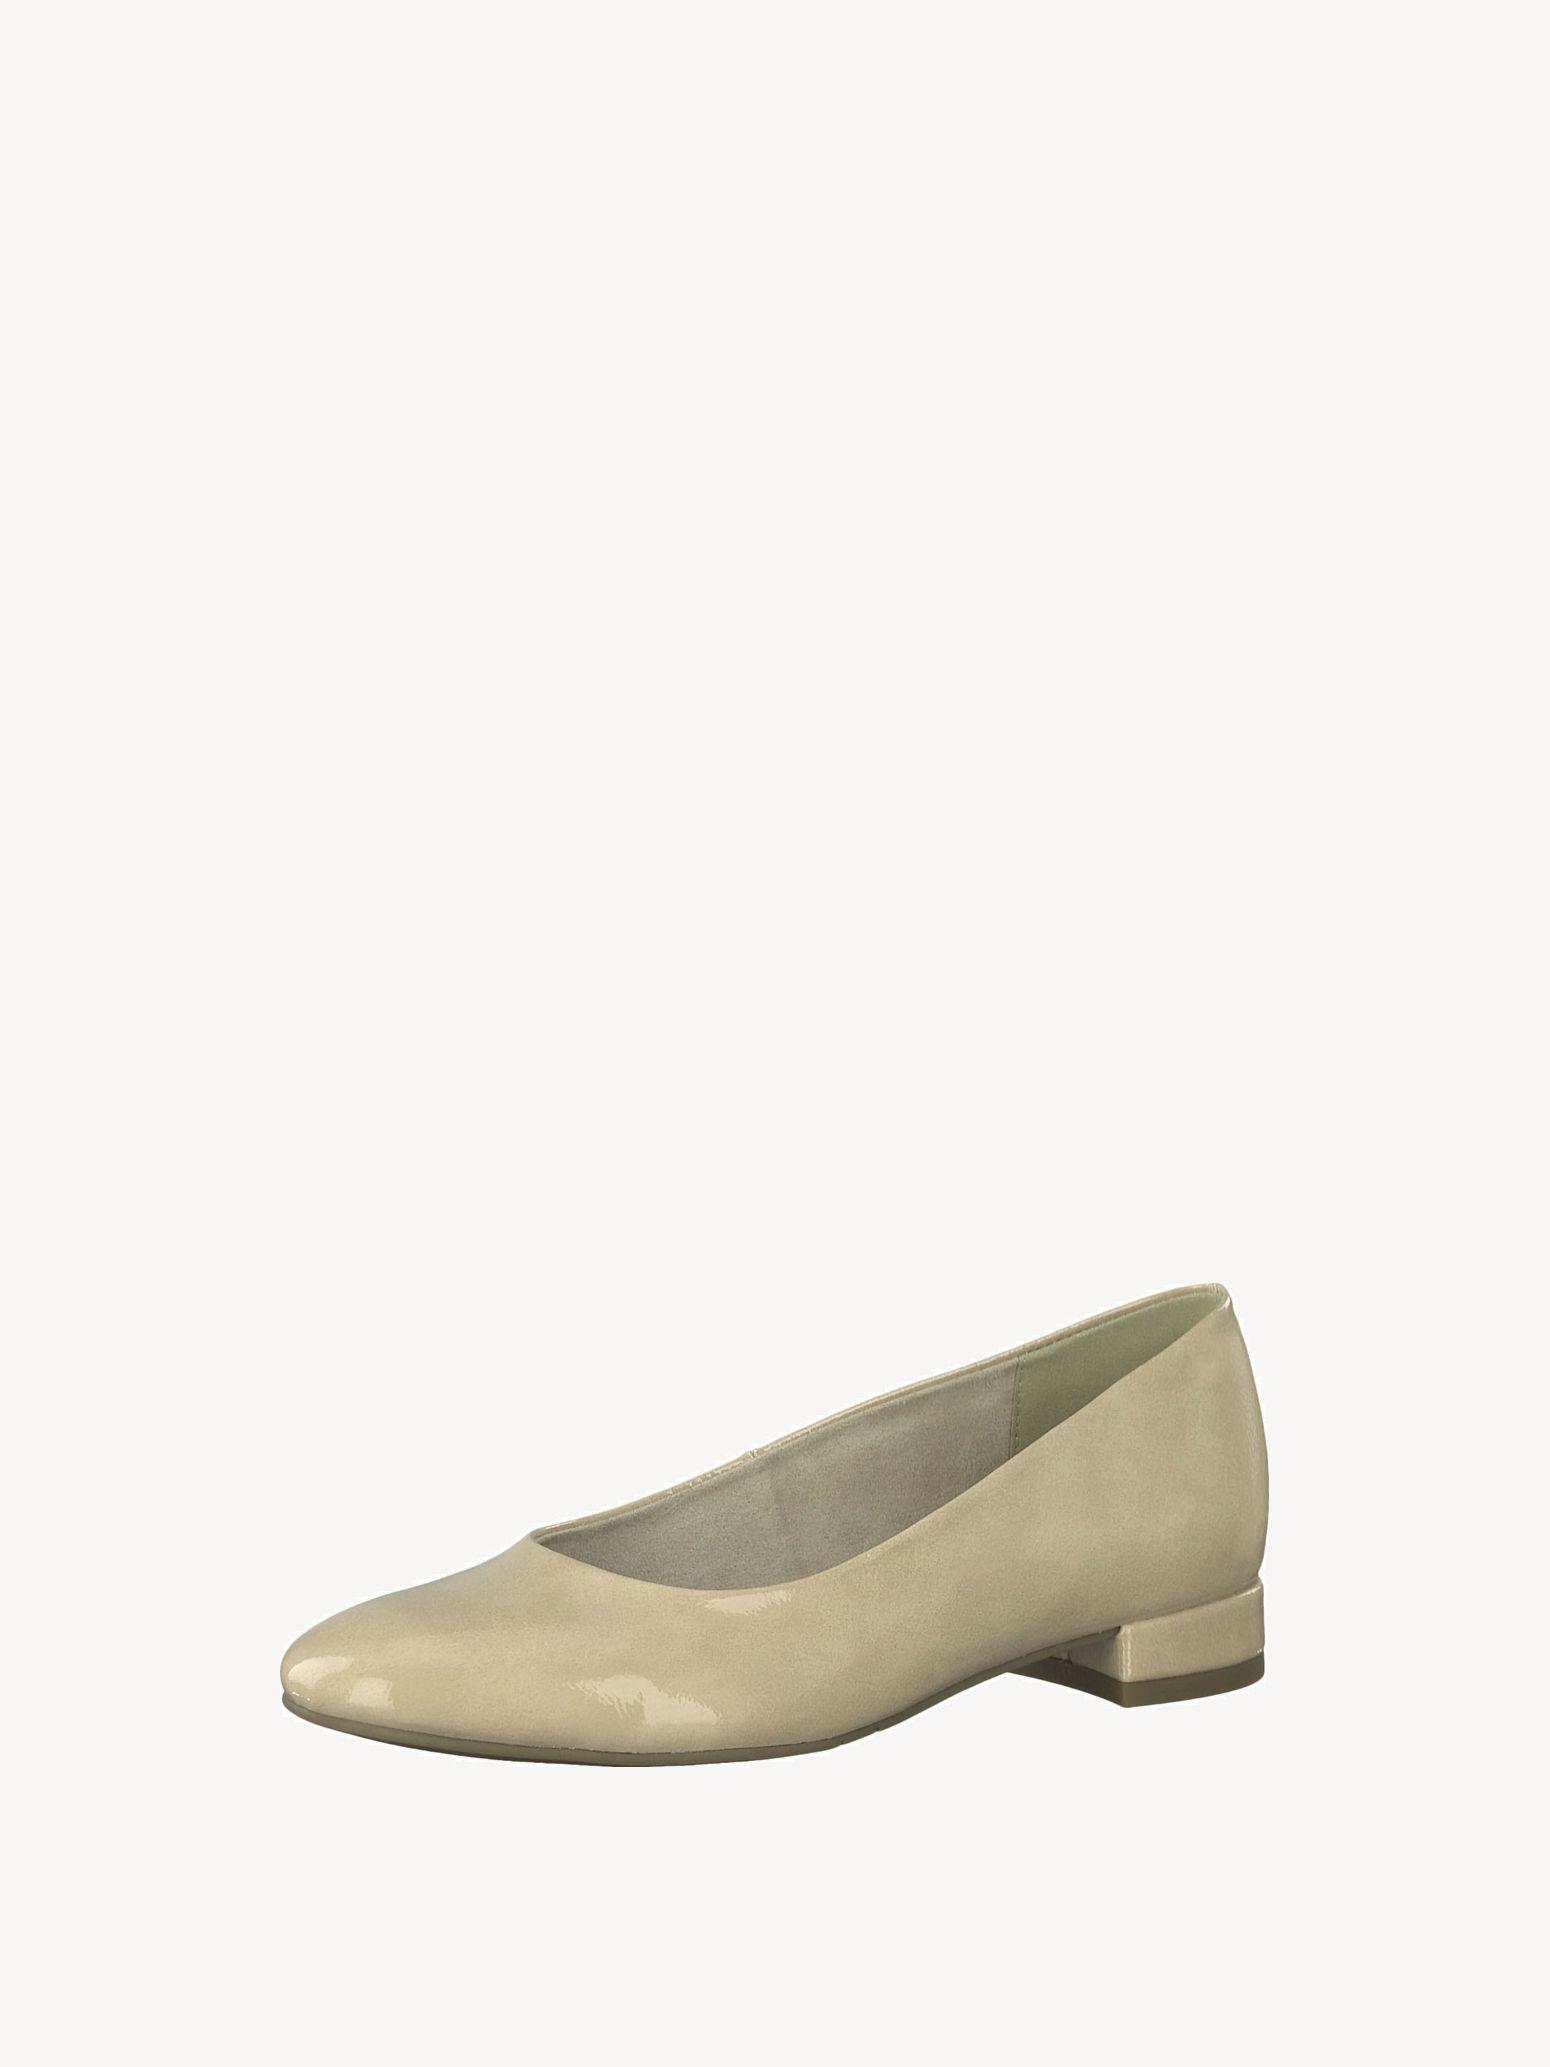 Ballerina 1 1 22111 22: Buy Tamaris Ballerinas online!